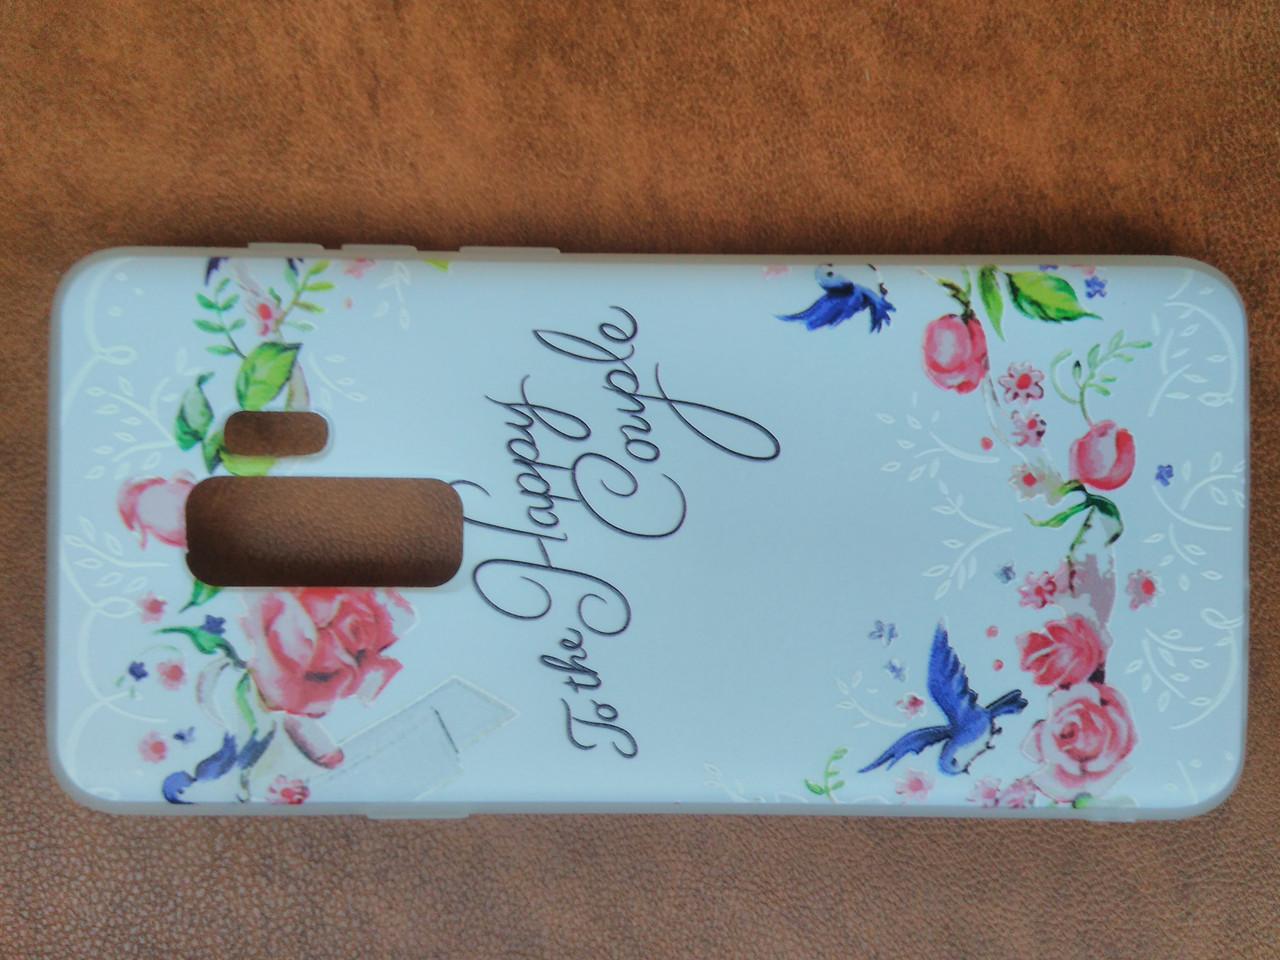 Накладка Прованс  силиконовая с рисунком  Samsung S9 Plus